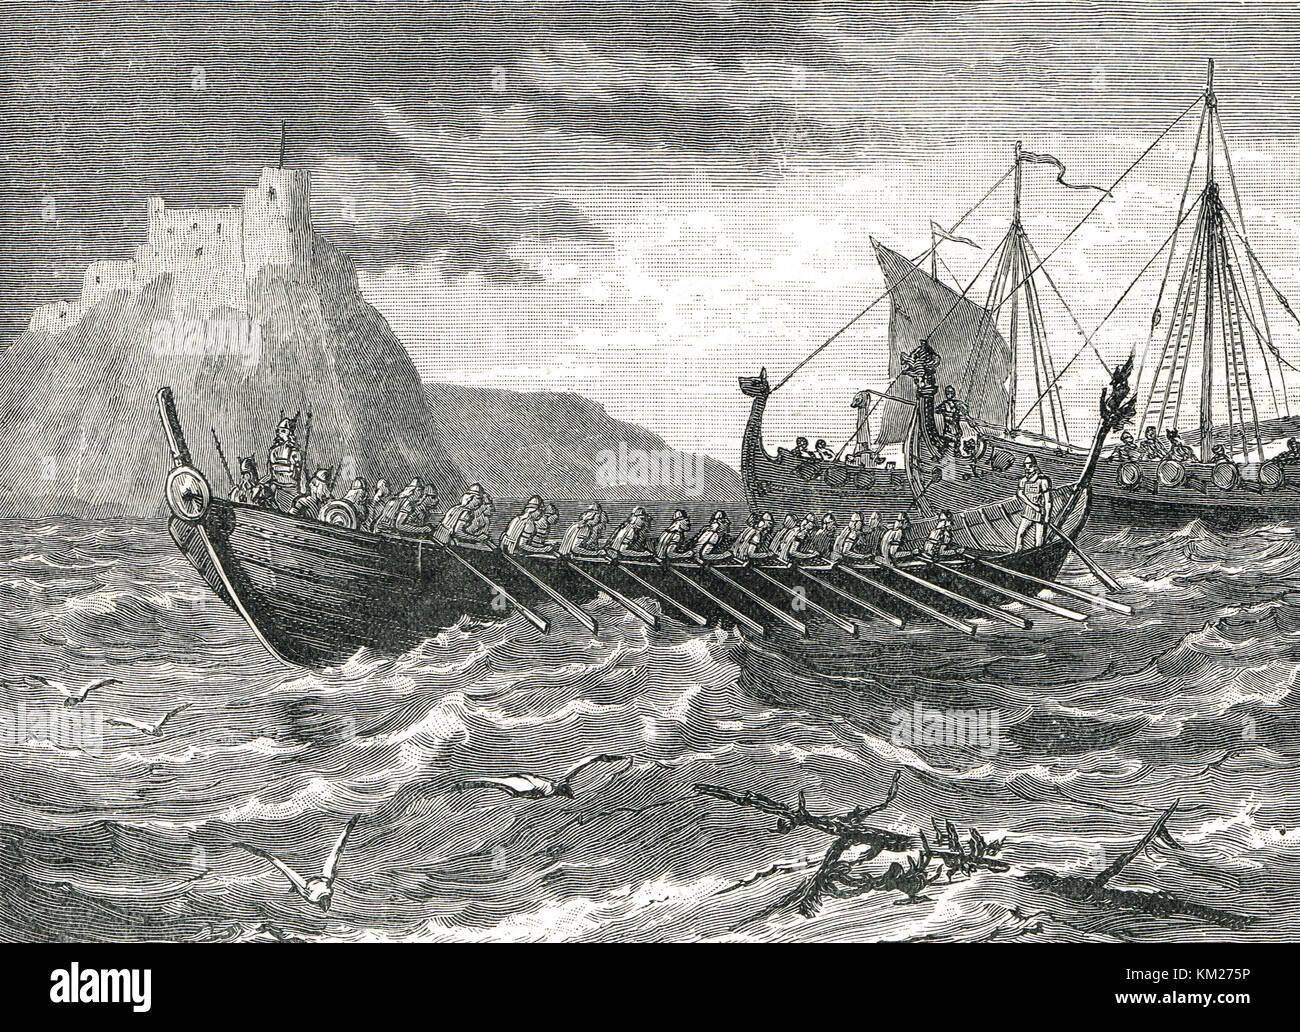 Danese navi vichinghe del IX secolo Immagini Stock